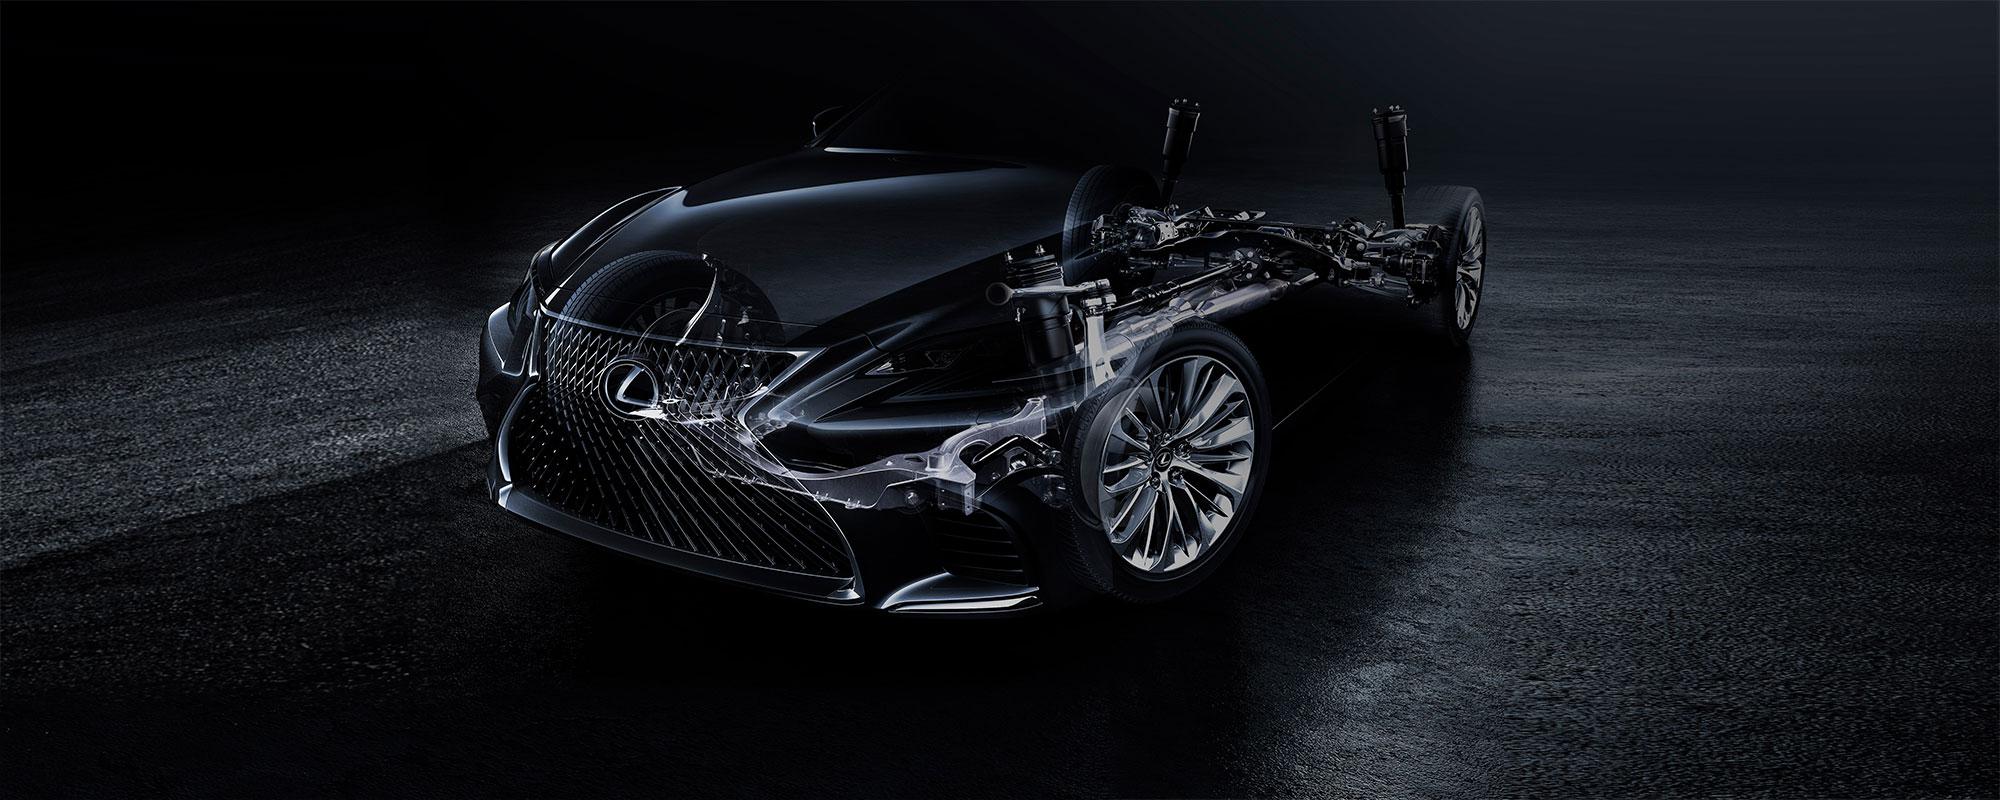 Wereldpremière nieuwe Lexus LS in Detroit